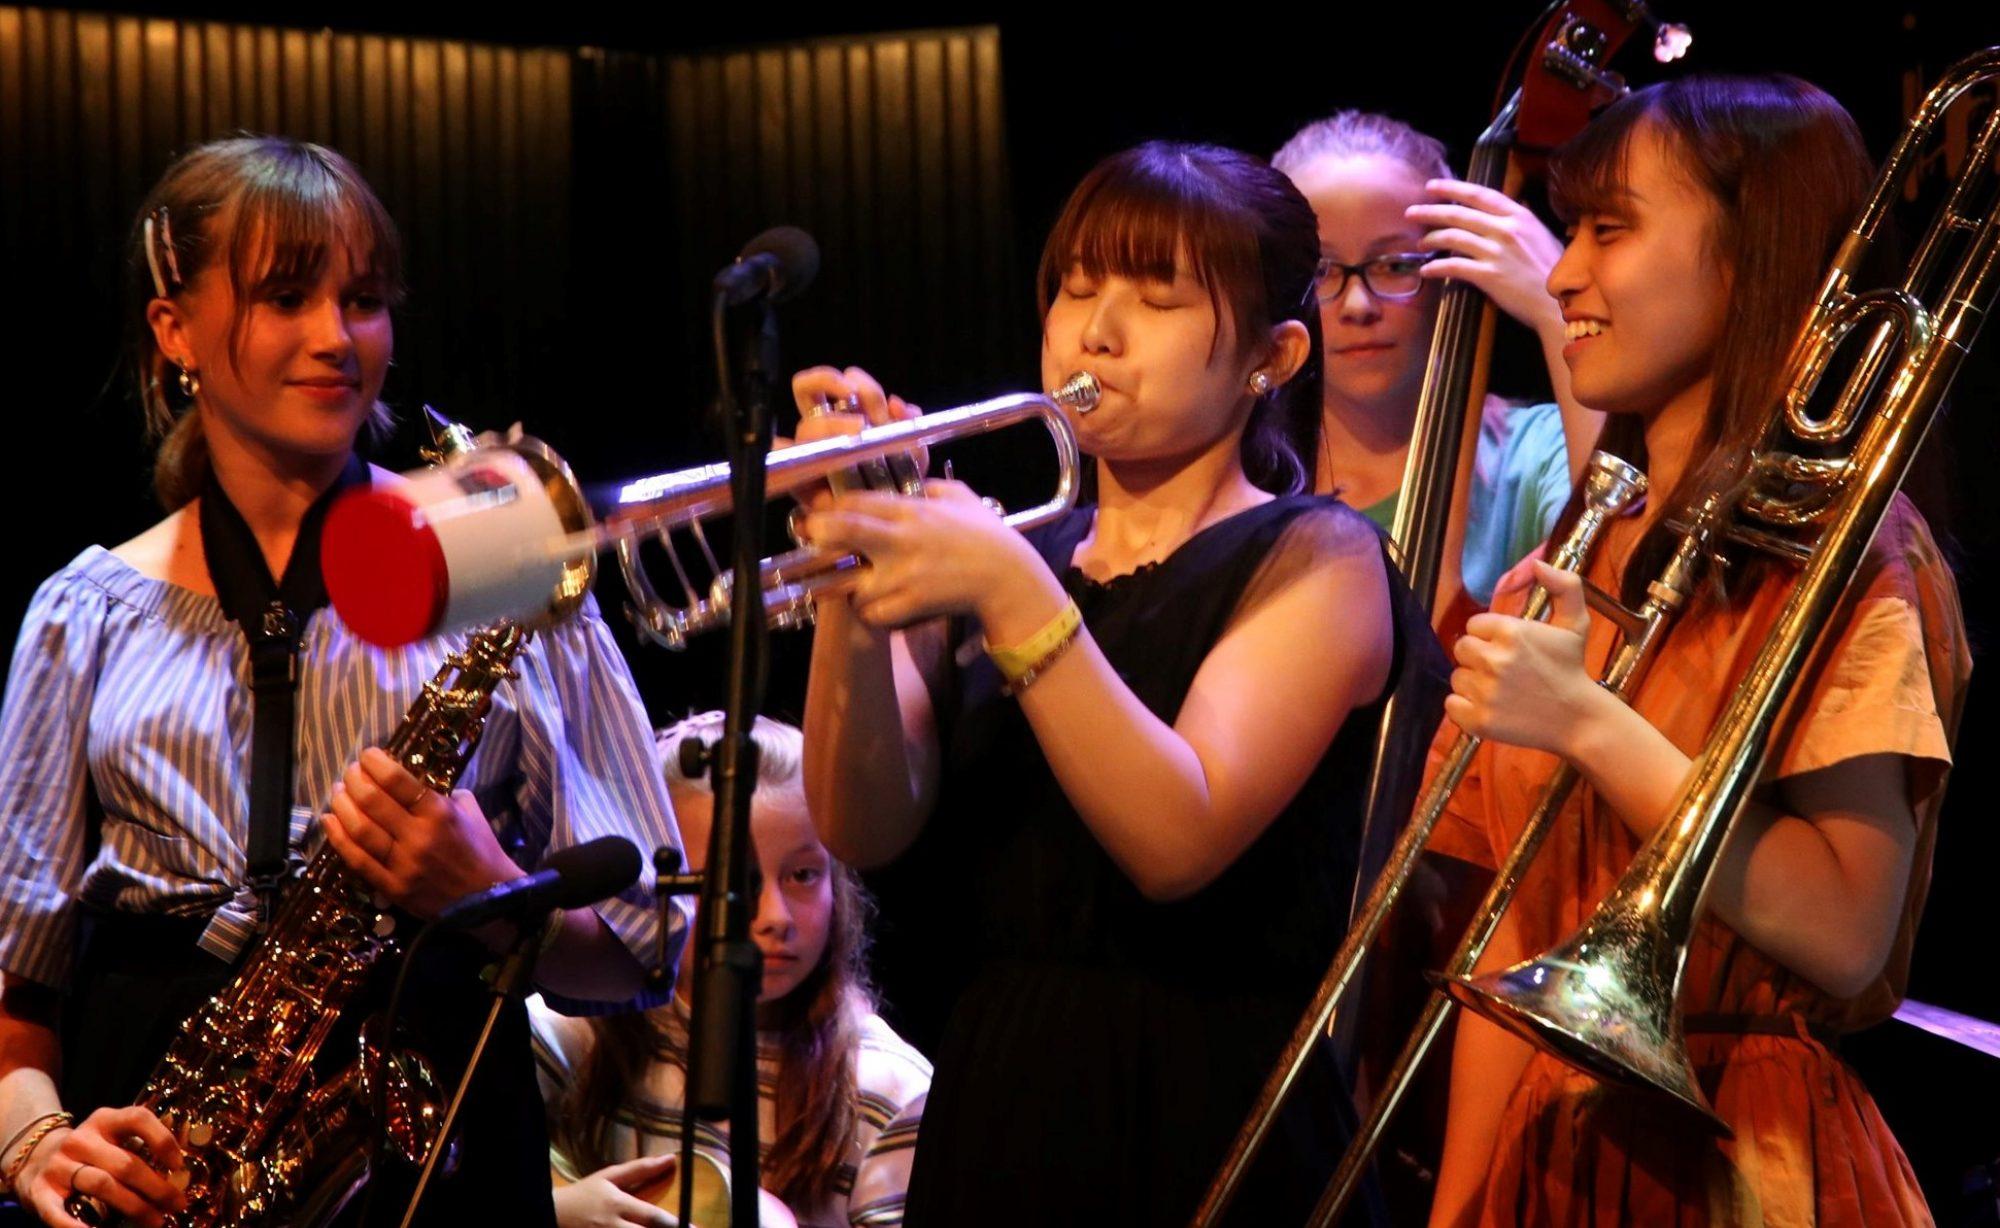 Kids in Jazz